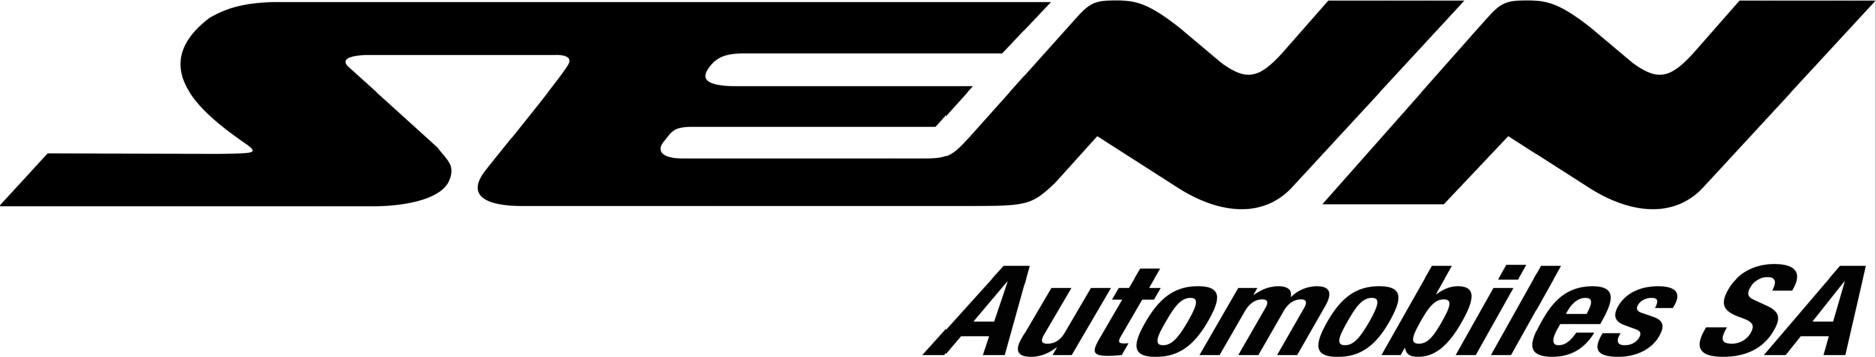 Senn automobile  SA